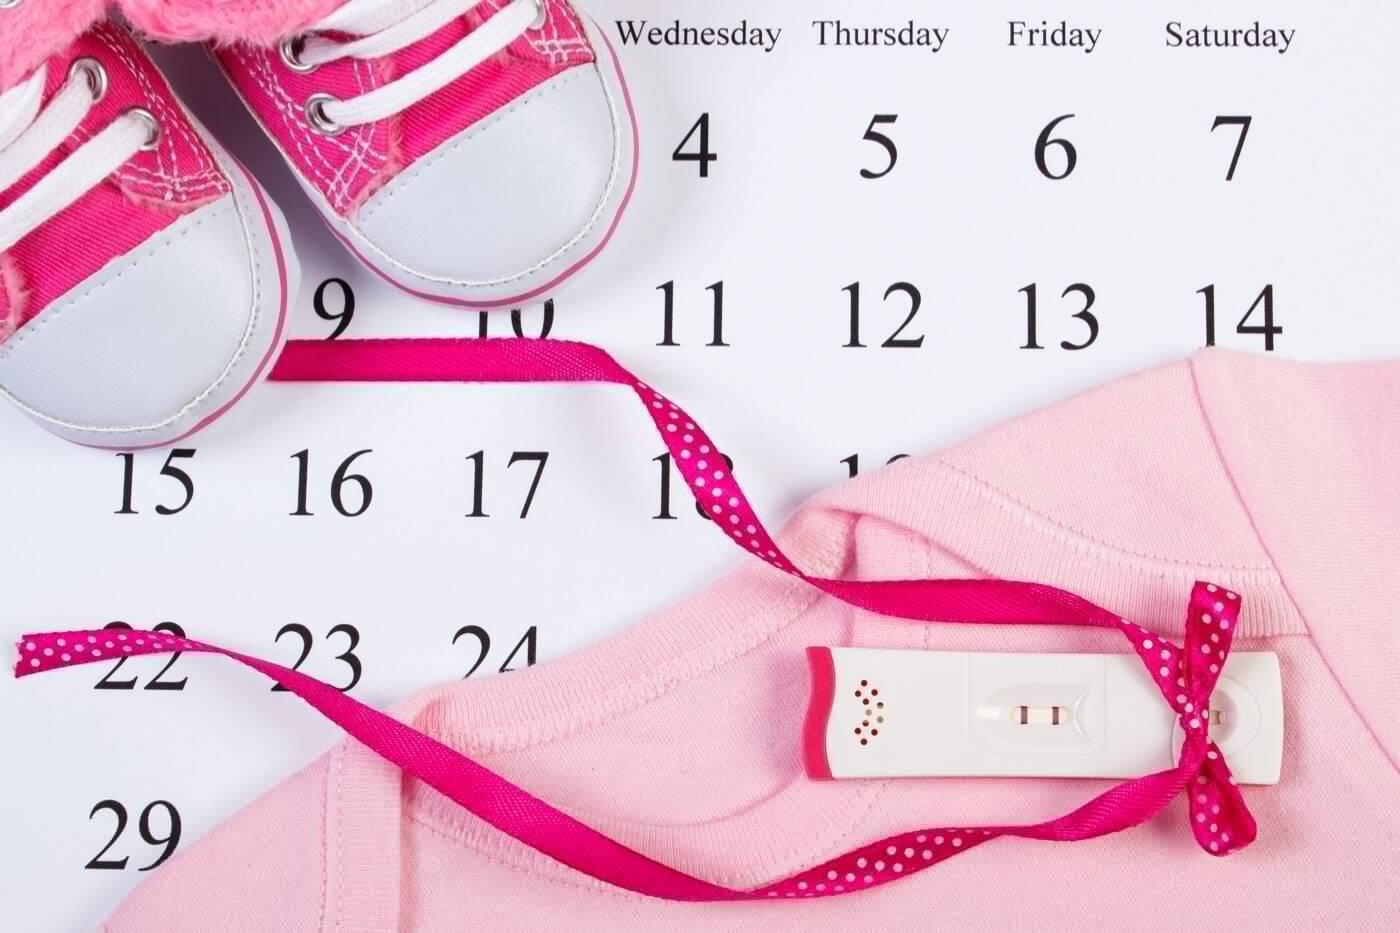 Как зачать девочку 100 процентов: калькуляторы овуляции и календари, помогающие бесплатно онлайн рассчитать благоприятные дни, чтобы забеременеть, и другие способы